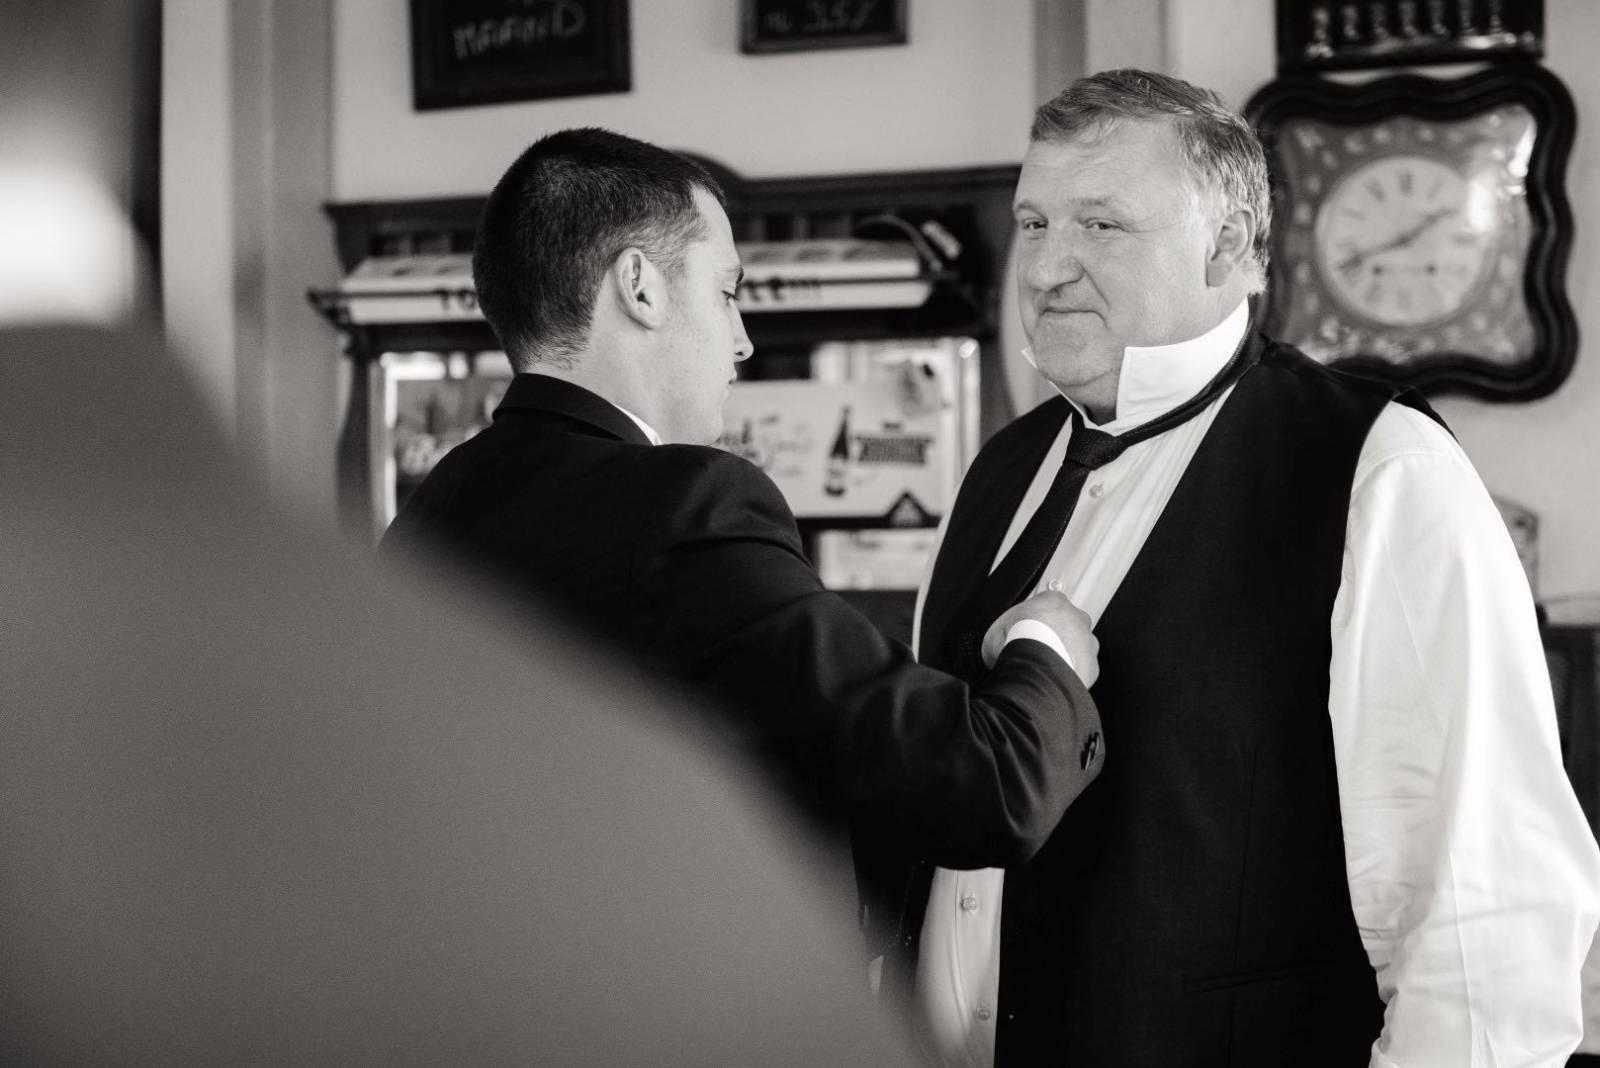 Lamont Ceremonie - Ceremonie - Fotograaf Fotografie De Moor & Muller - House of Weddings - 2